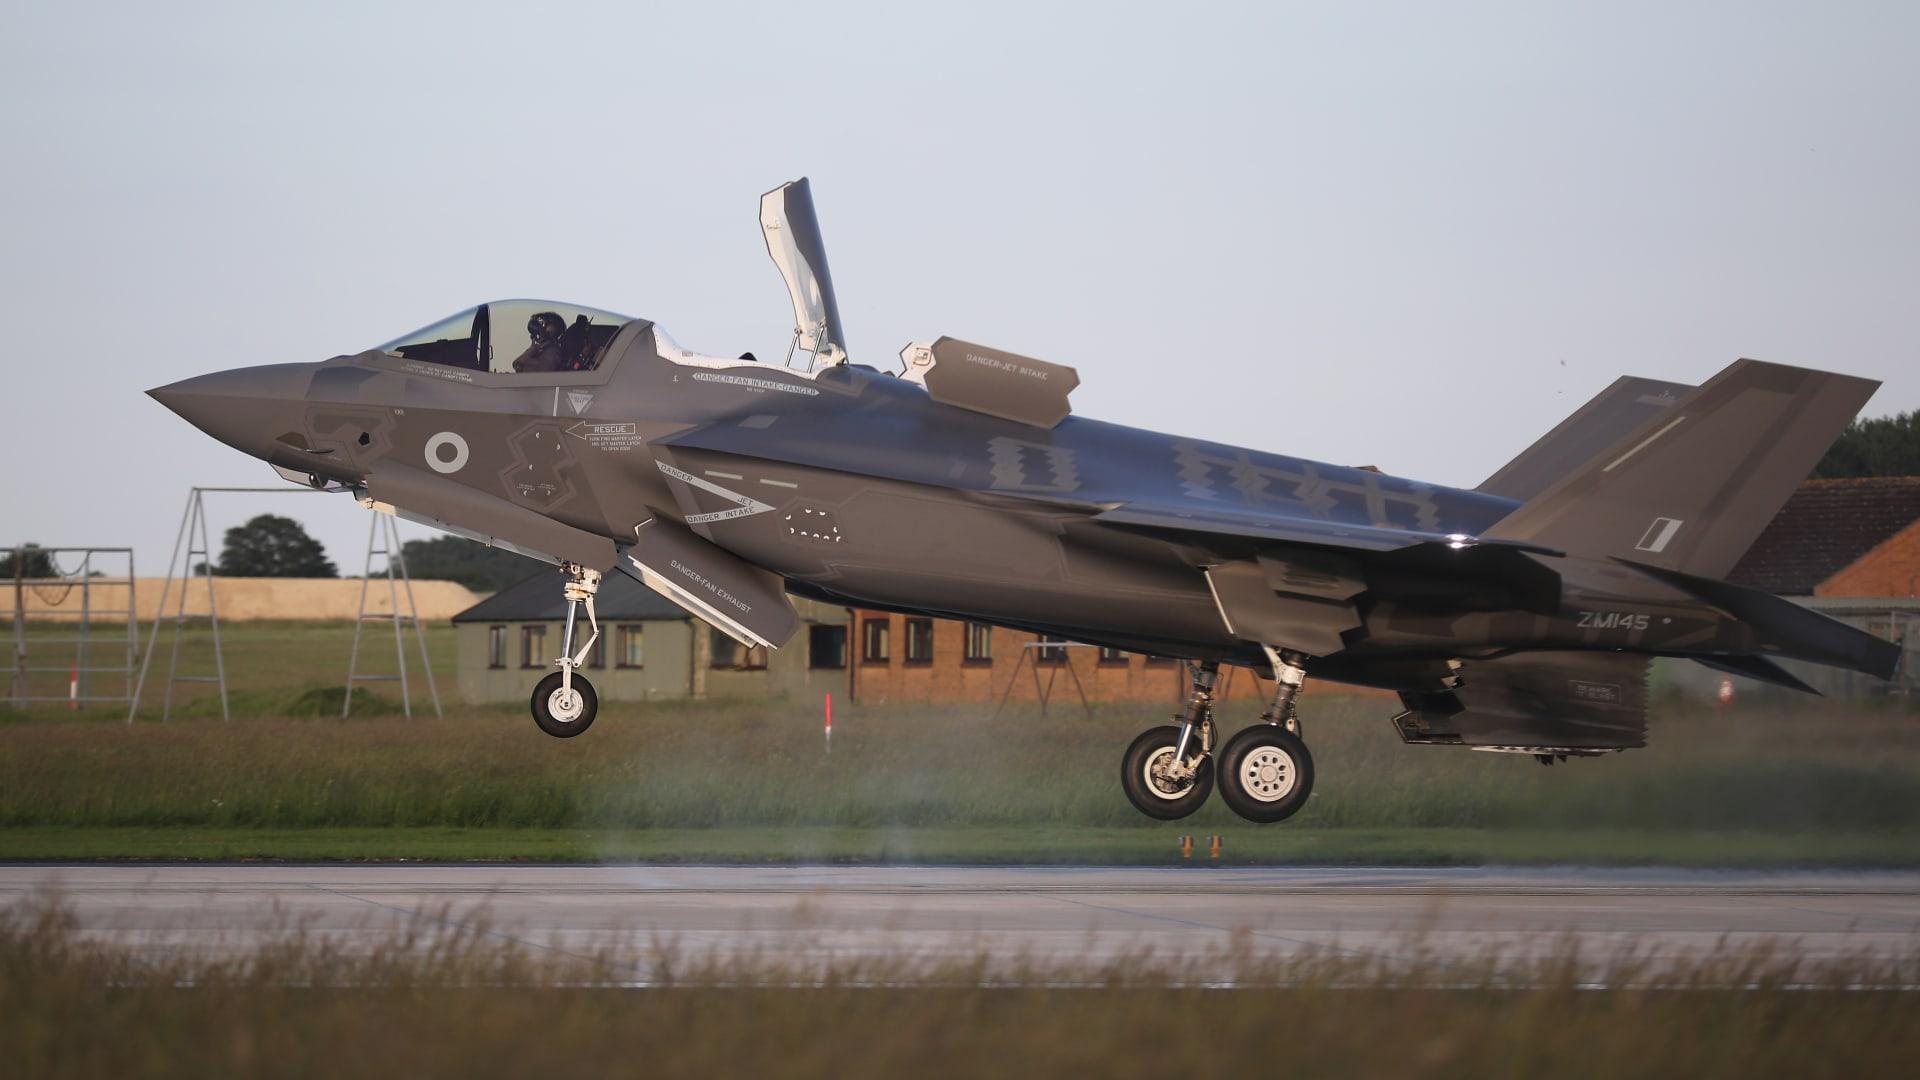 """وصلت لإسرائيل وتركيا.. تعرف على قدرات مقاتلة """"F35"""" الأمريكية"""